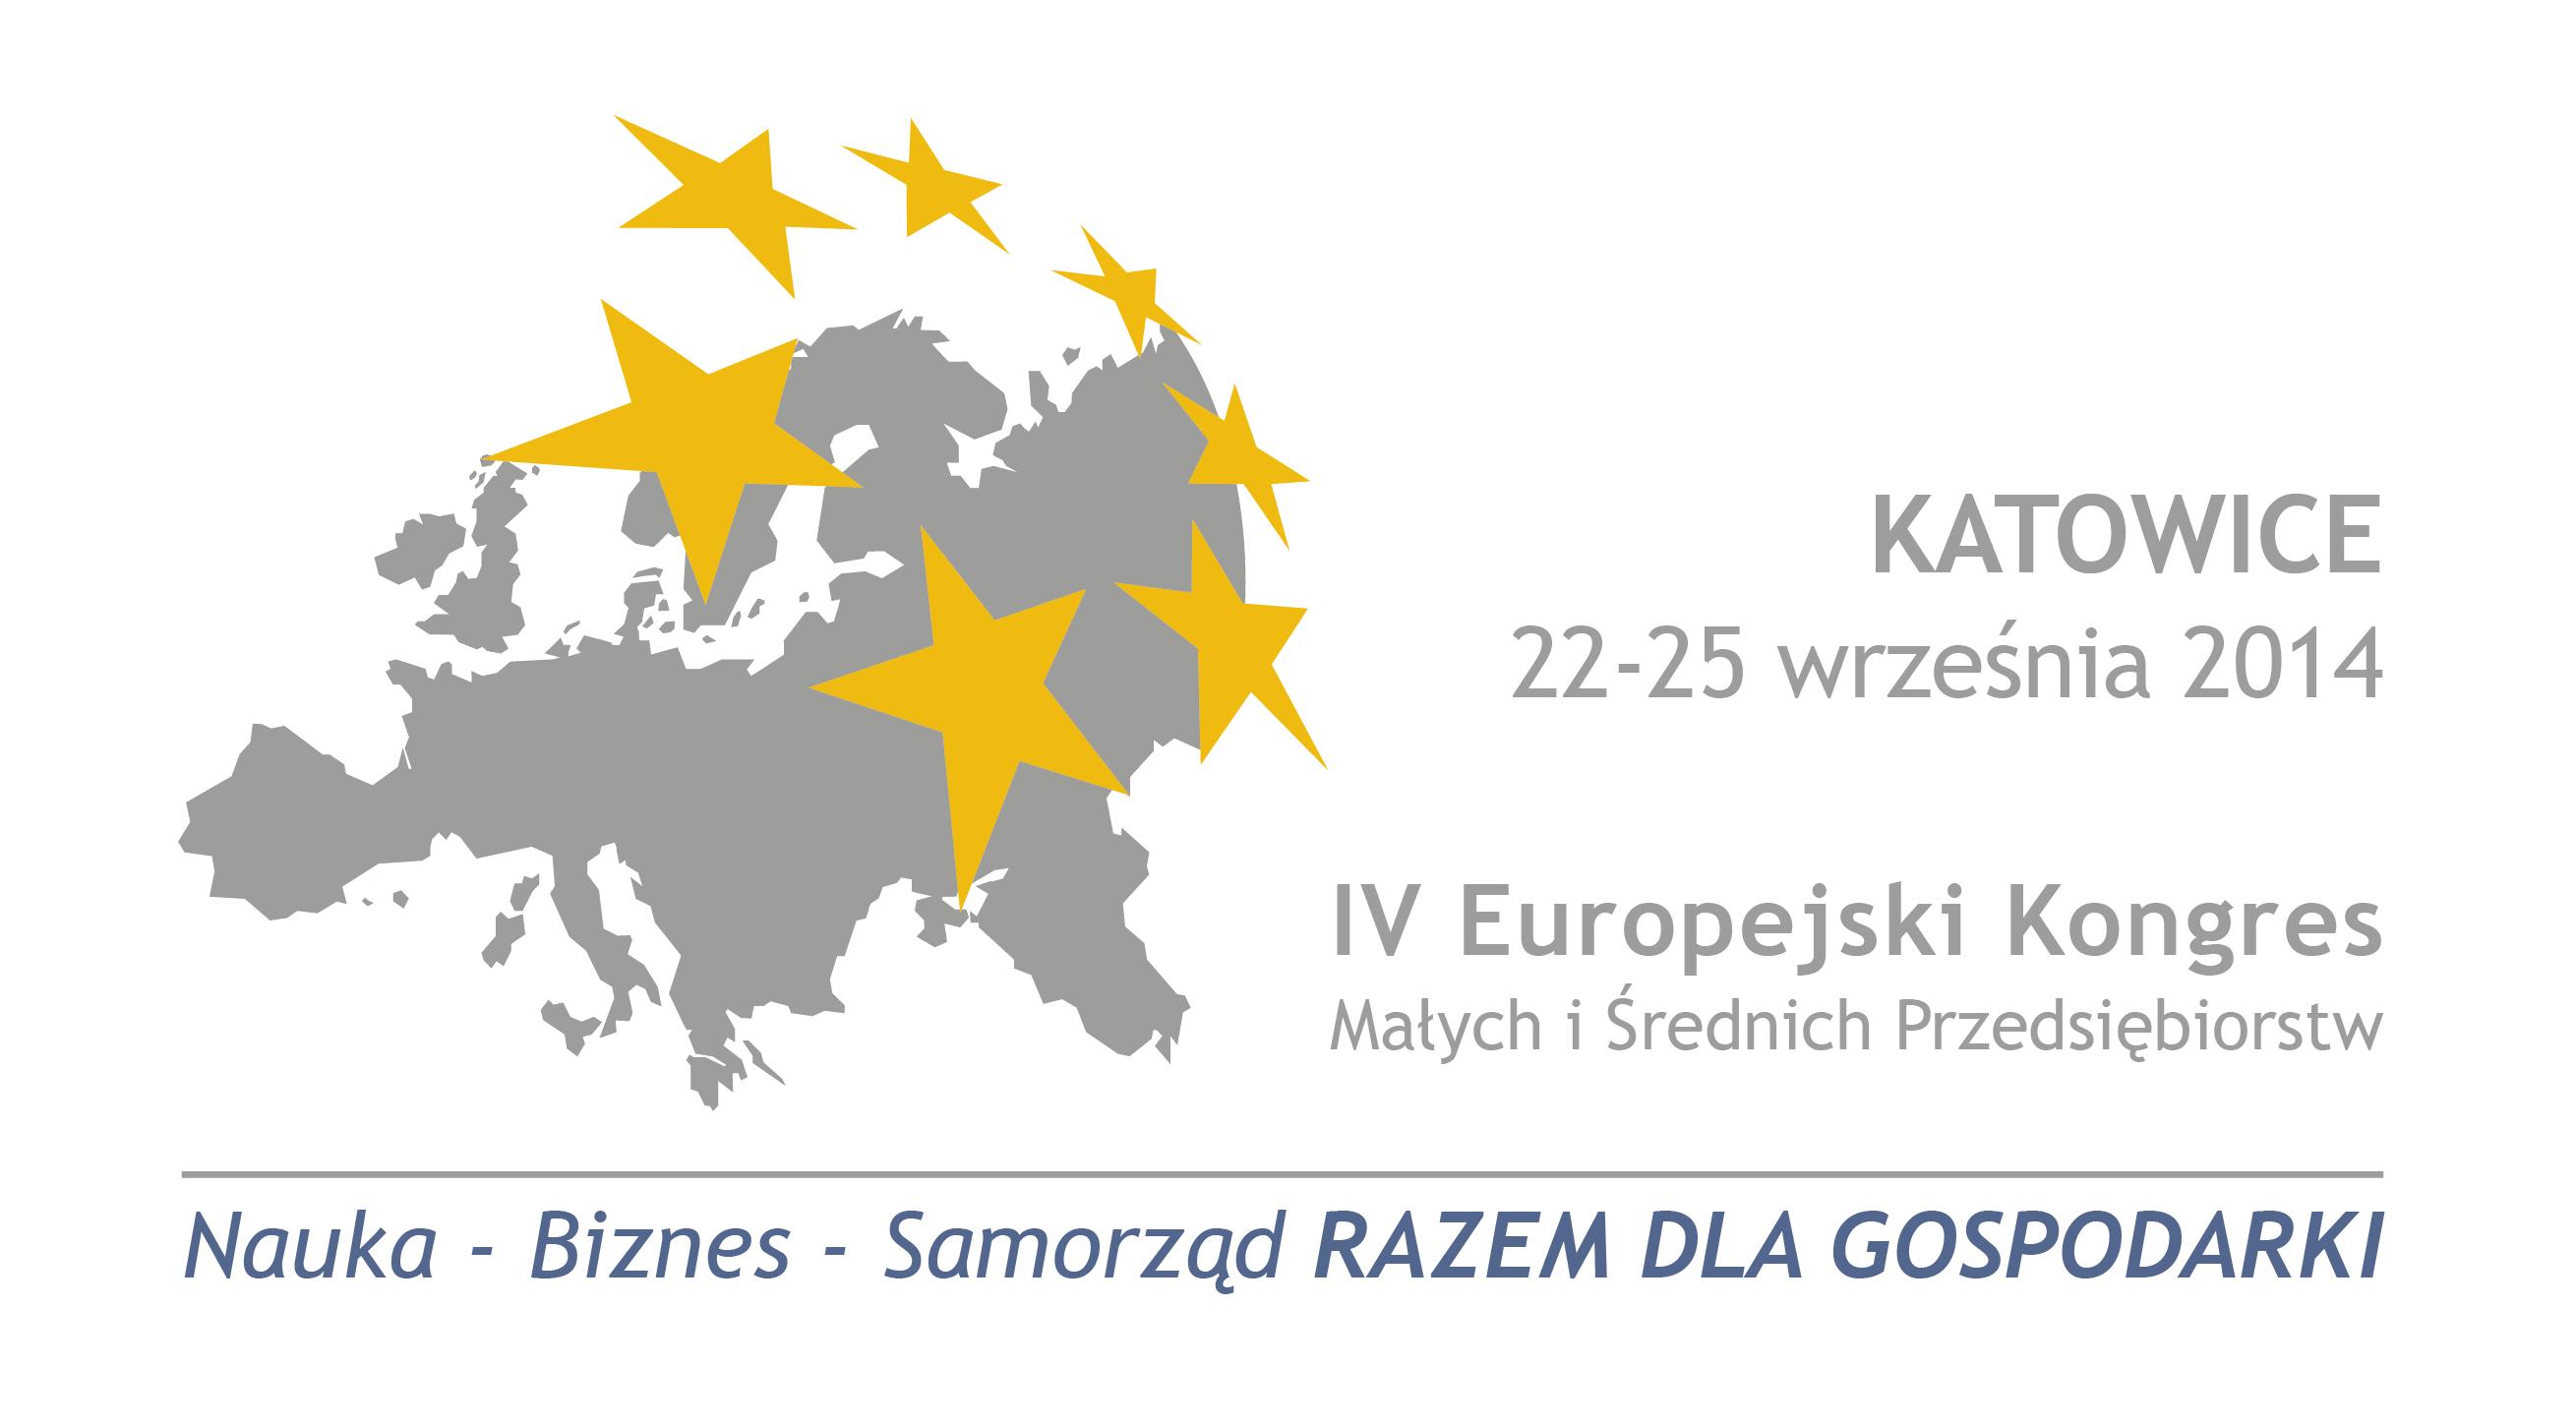 IV europejski Kongres Małych i Średnich Przedsiębiorstw - największe w Europie wydarzenie poświęcone sektorowi MSP